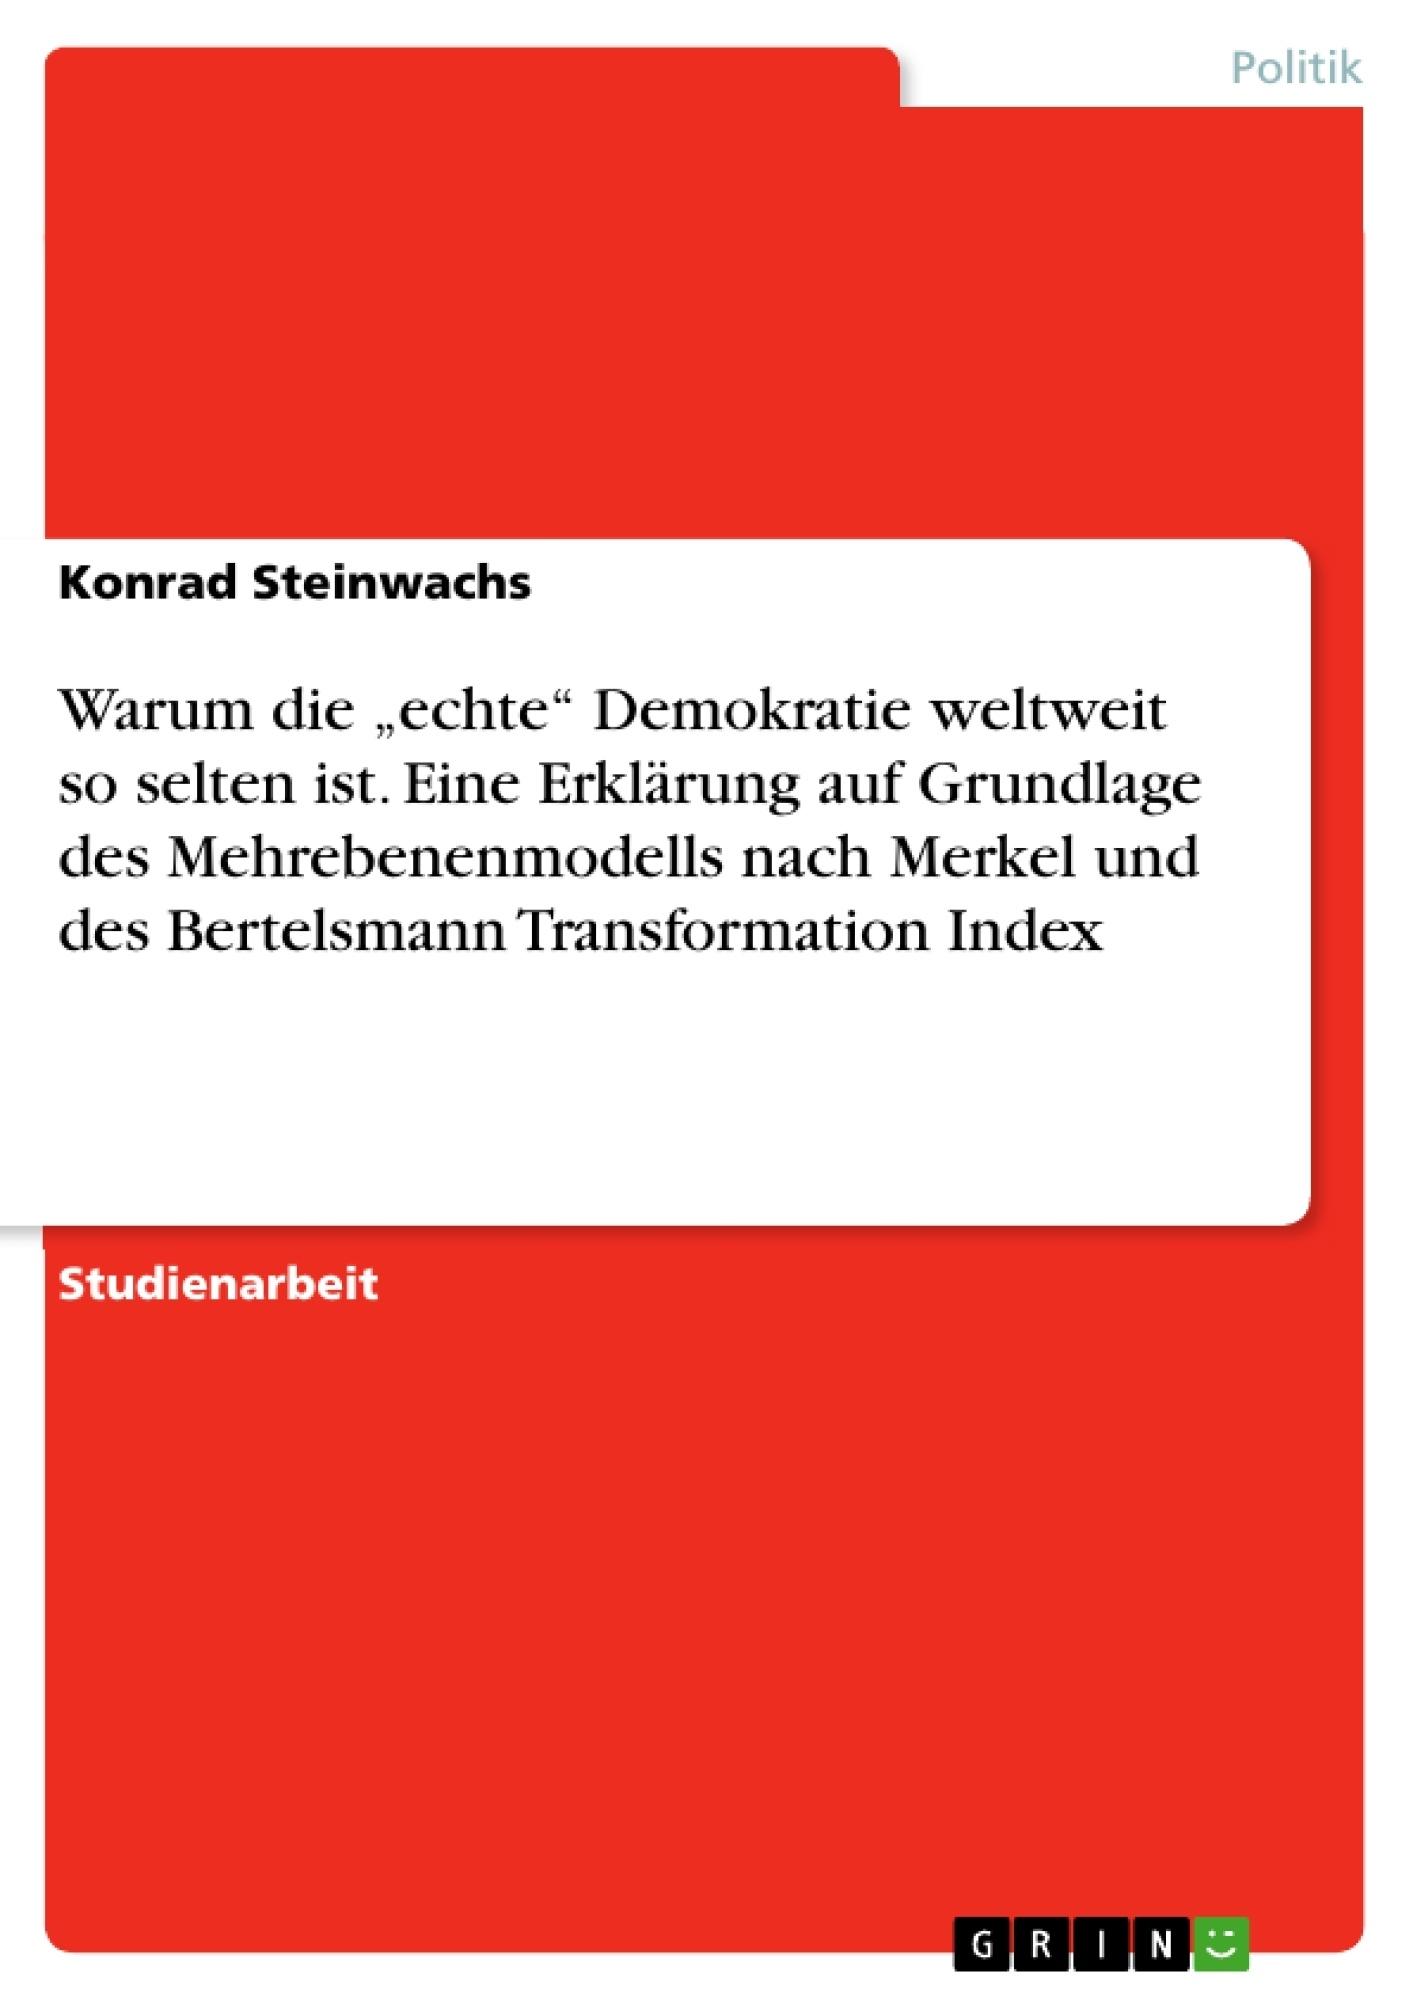 """Titel: Warum die """"echte"""" Demokratie weltweit so selten ist. Eine Erklärung auf Grundlage des Mehrebenenmodells nach Merkel und des Bertelsmann Transformation Index"""